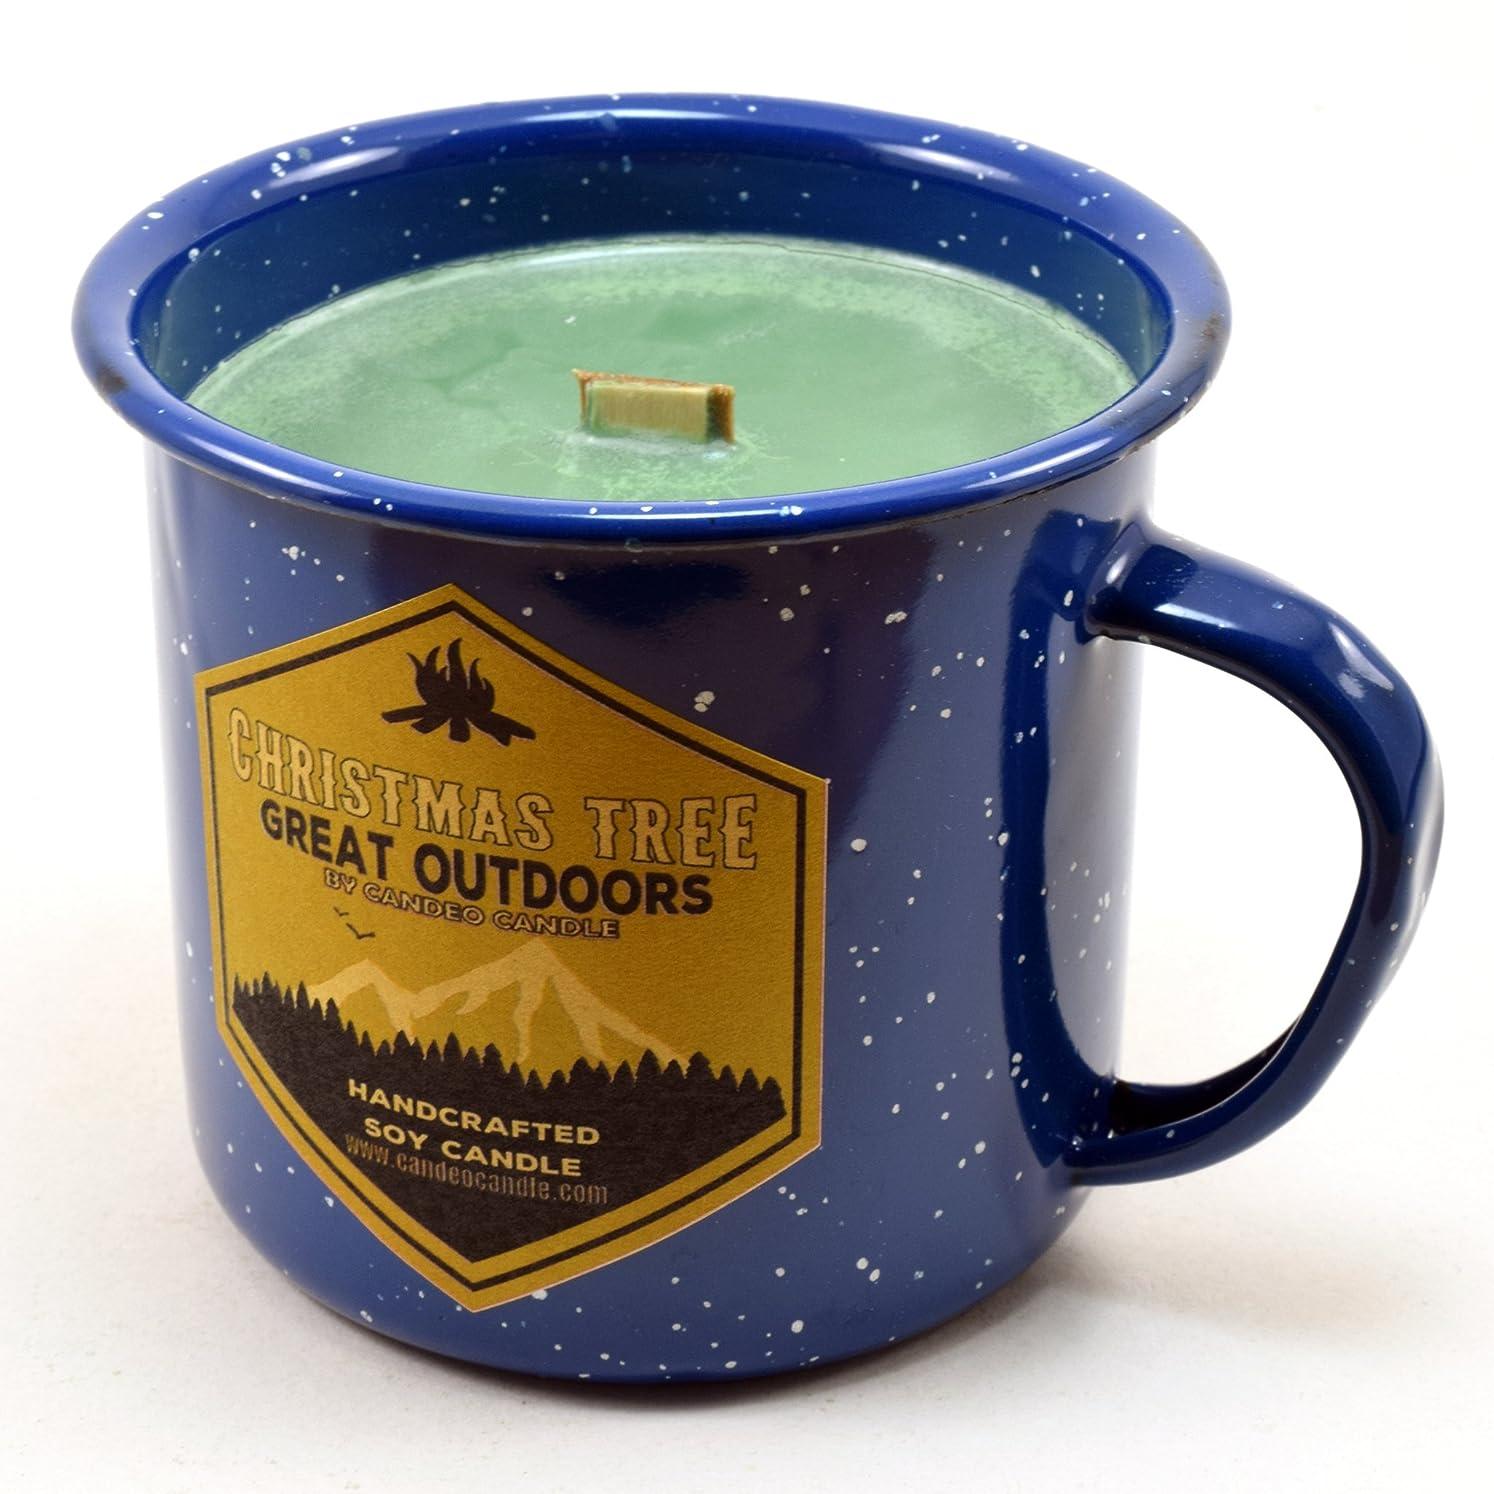 おとなしい銀行前件クリスマスツリーウッド芯Soy Candle in anエナメルキャンプマグカップ、10オンス